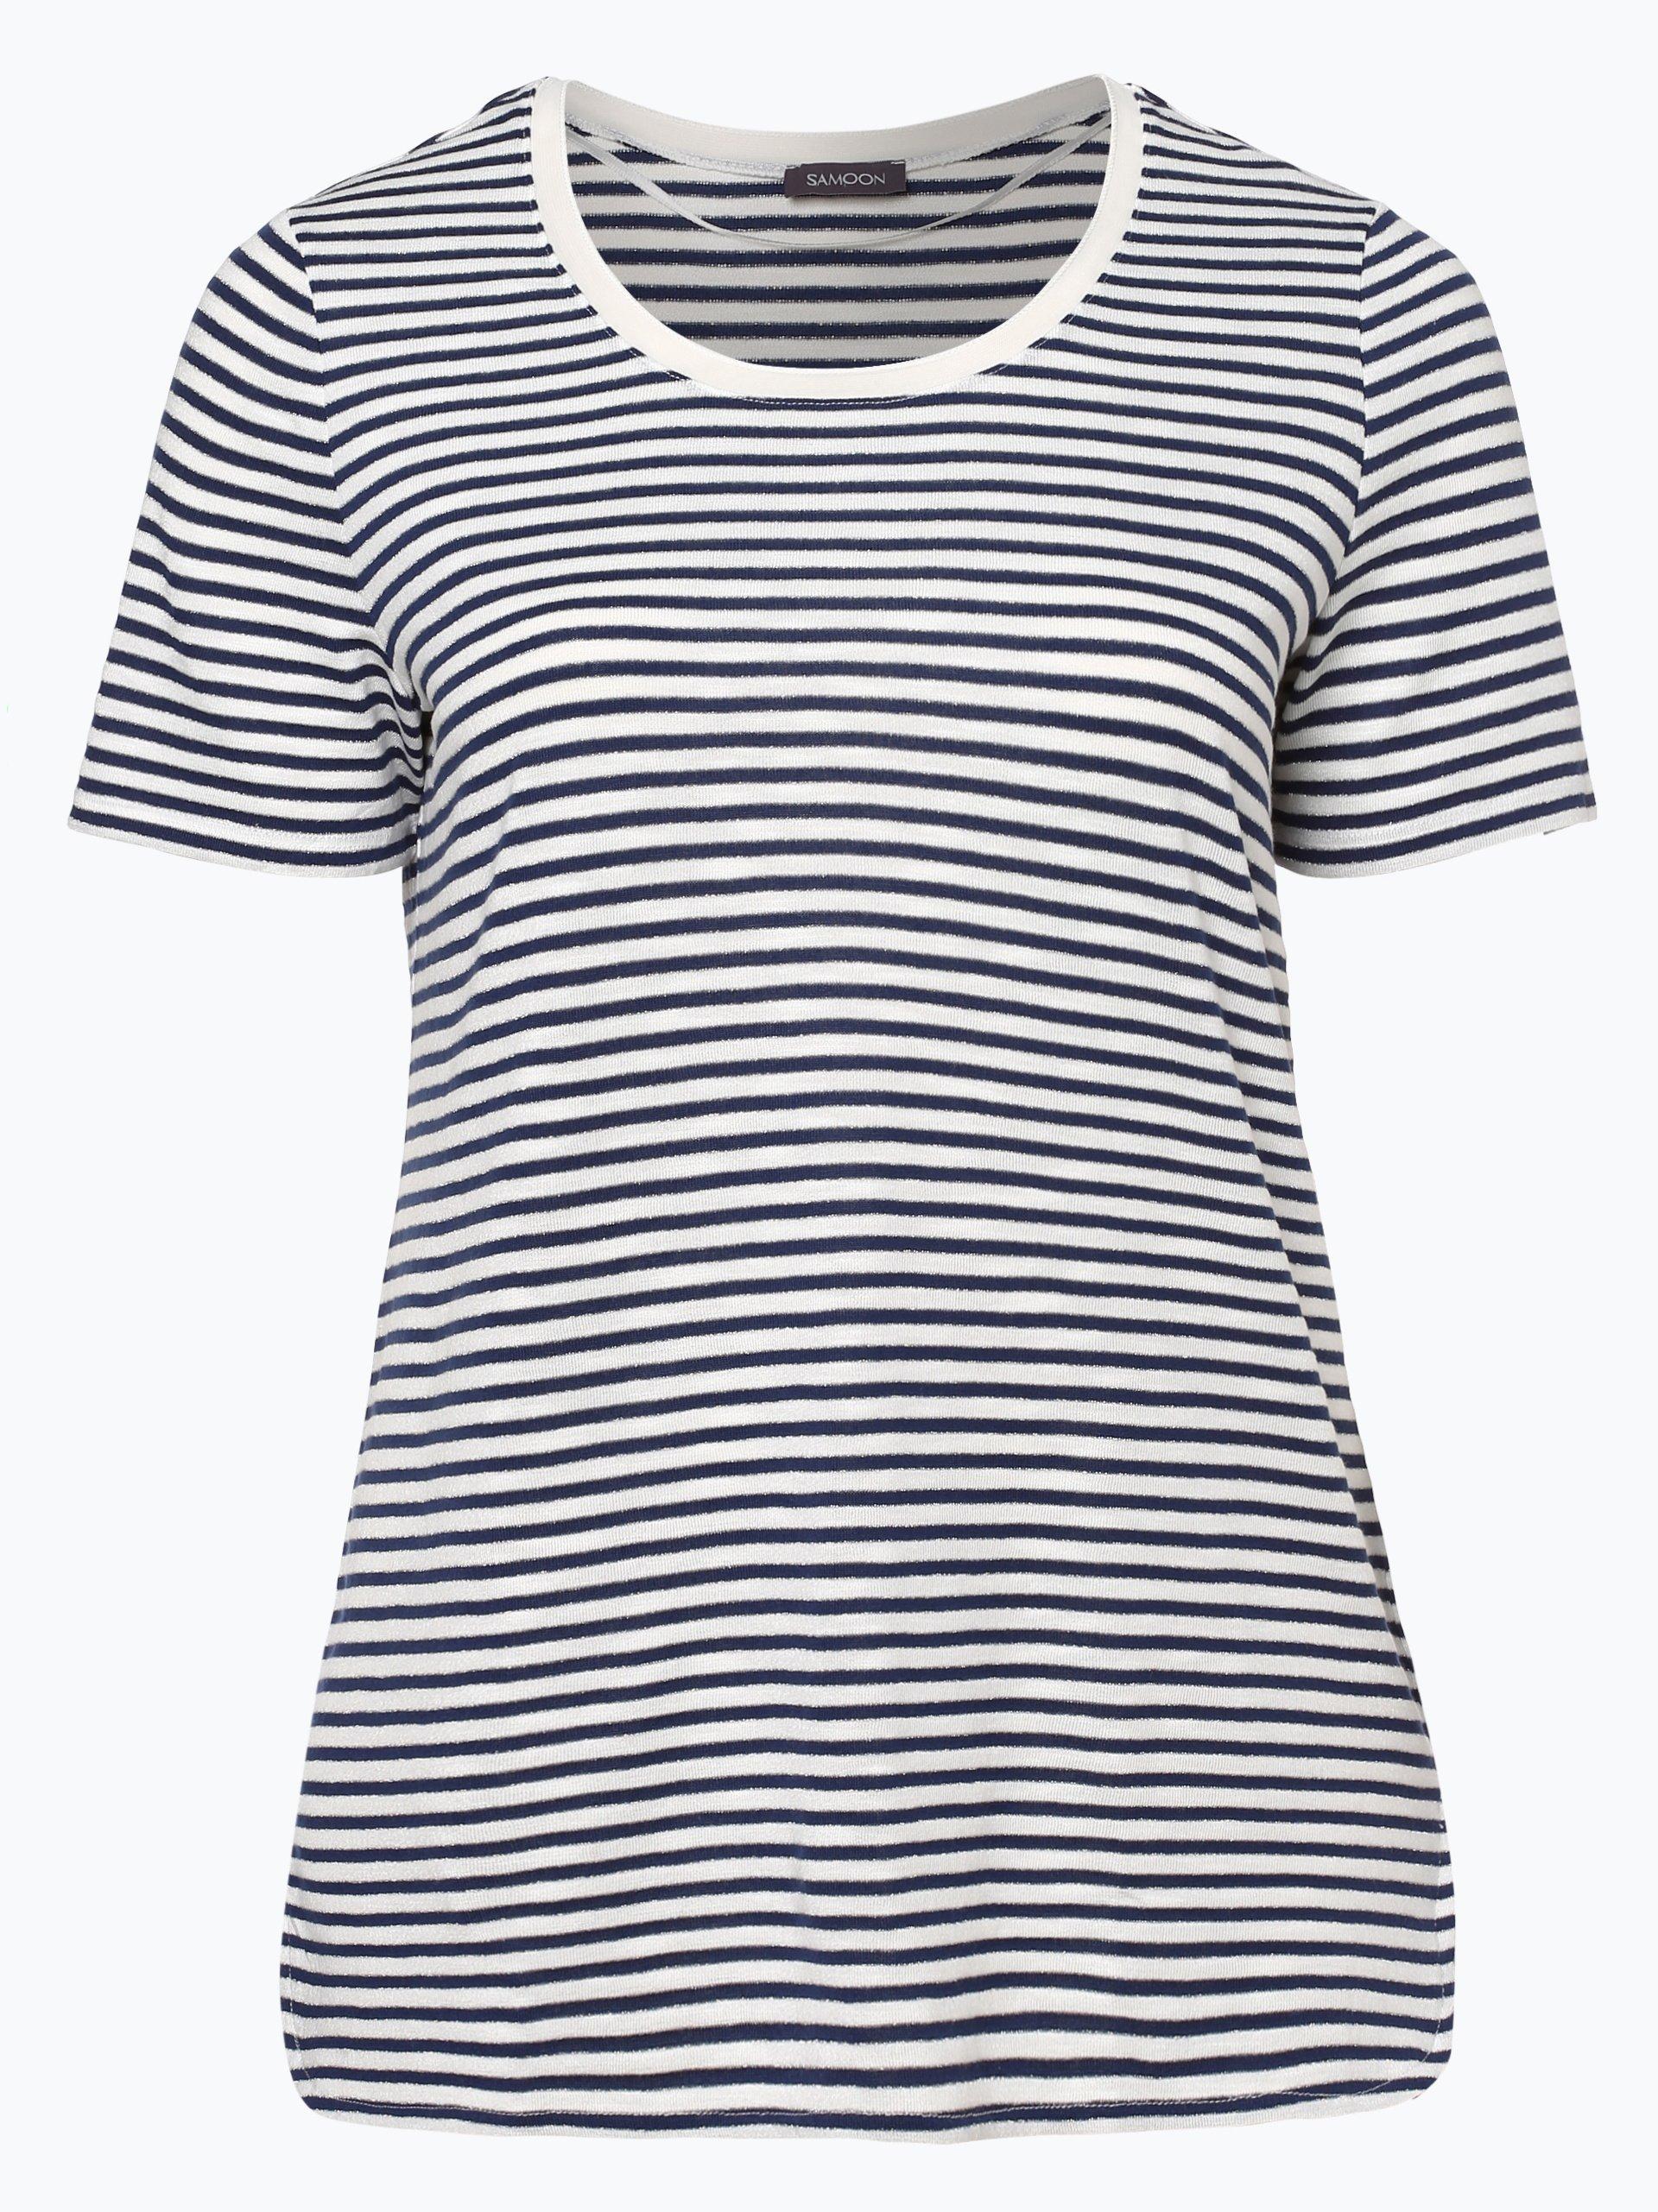 Samoon Damen T-Shirt